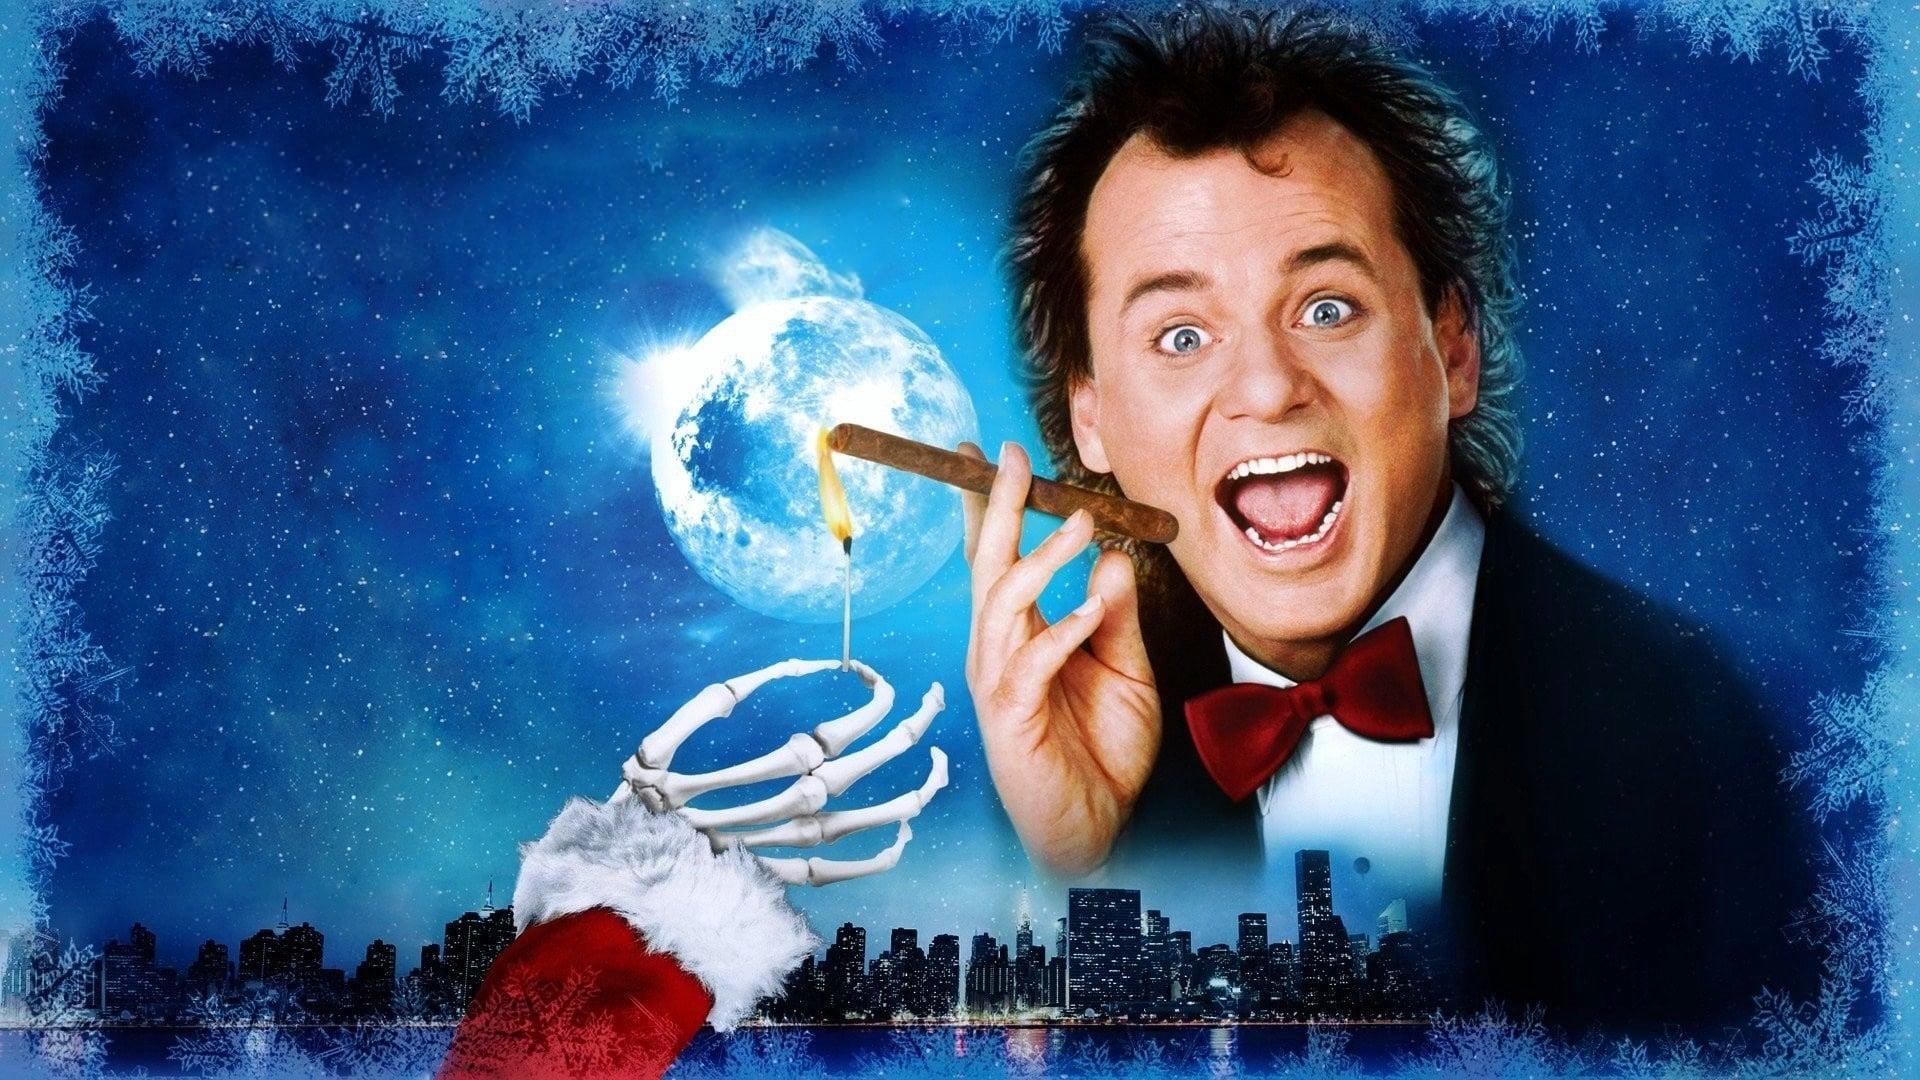 Новая рождественская сказка новогодние фильмы